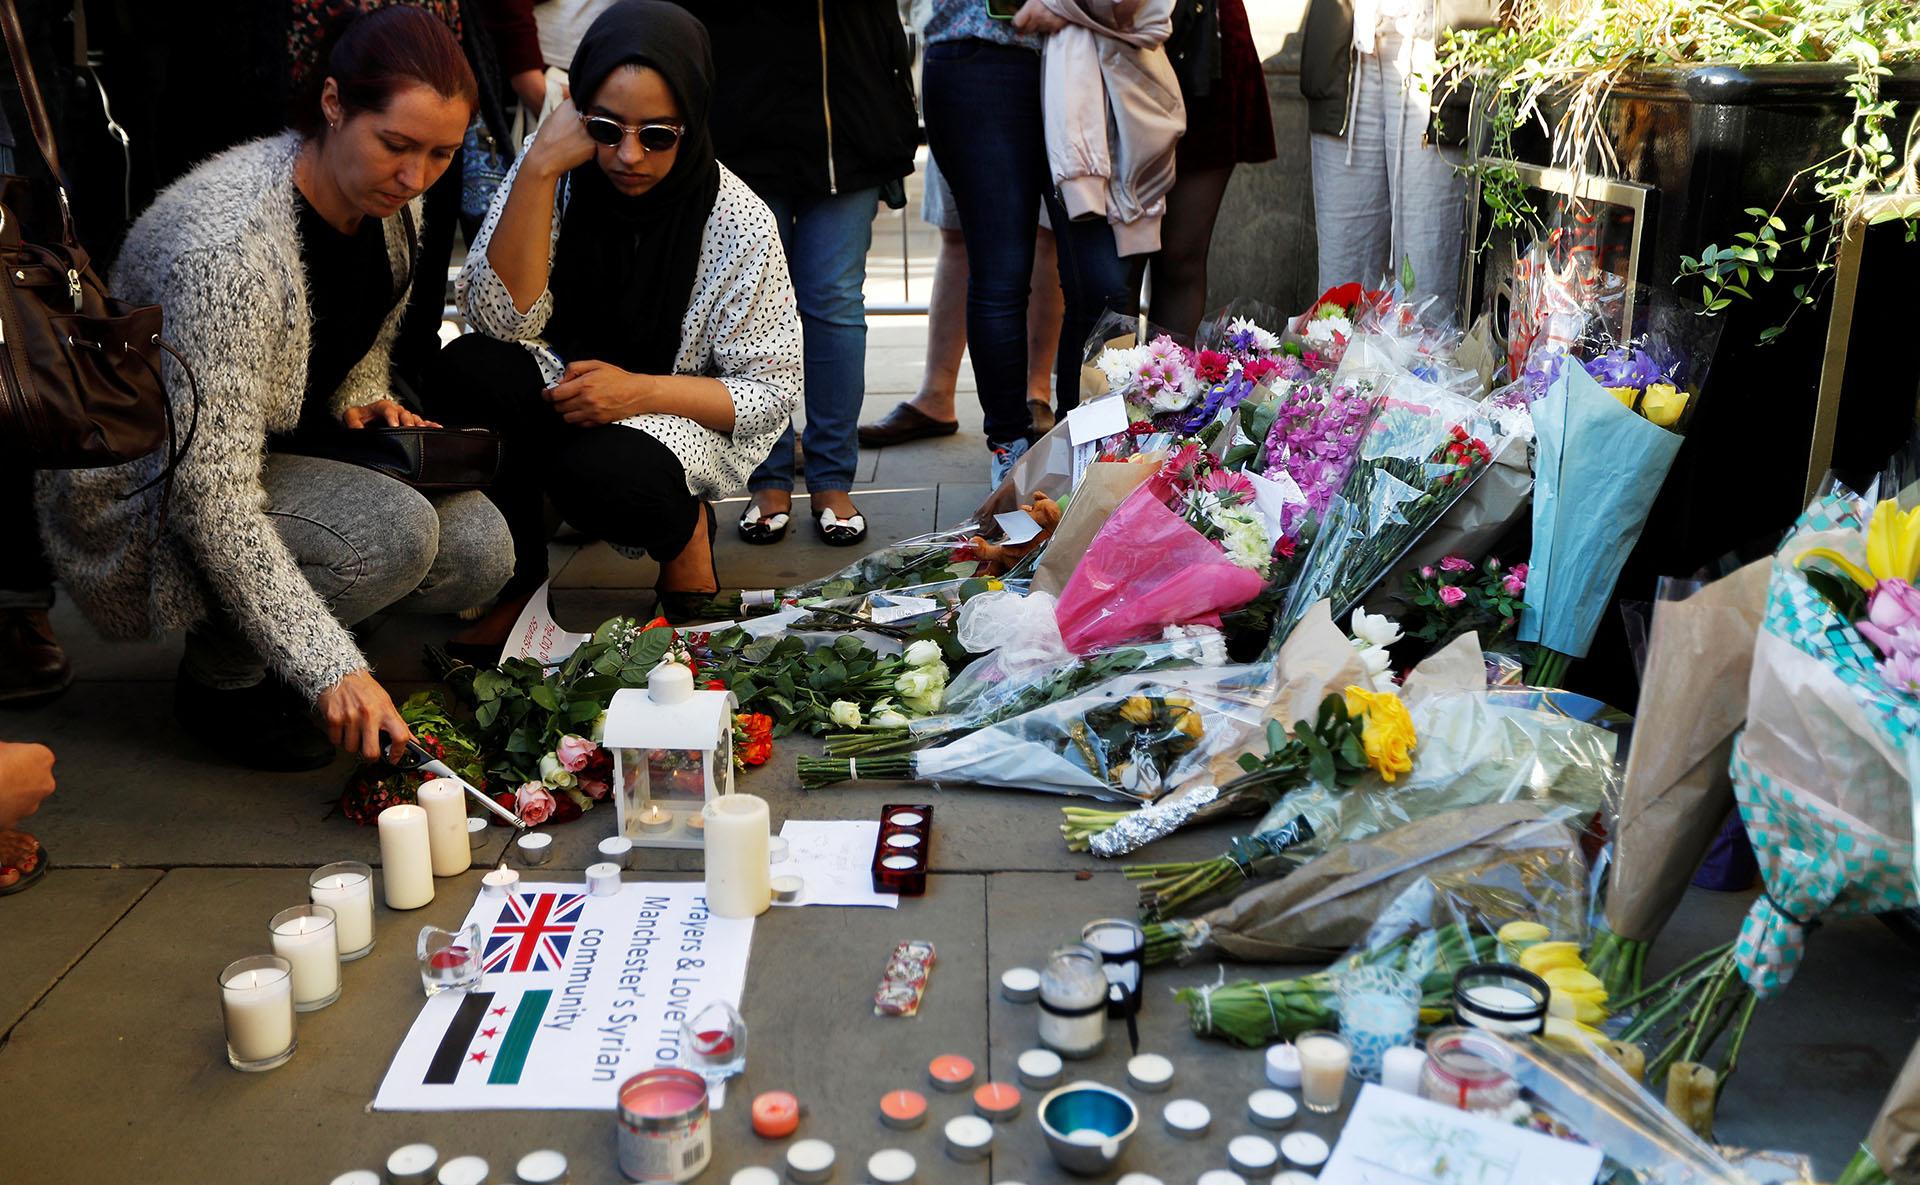 Un grupo de mujeres prende velas en memoria de las víctimas del atentado (REUTERS)